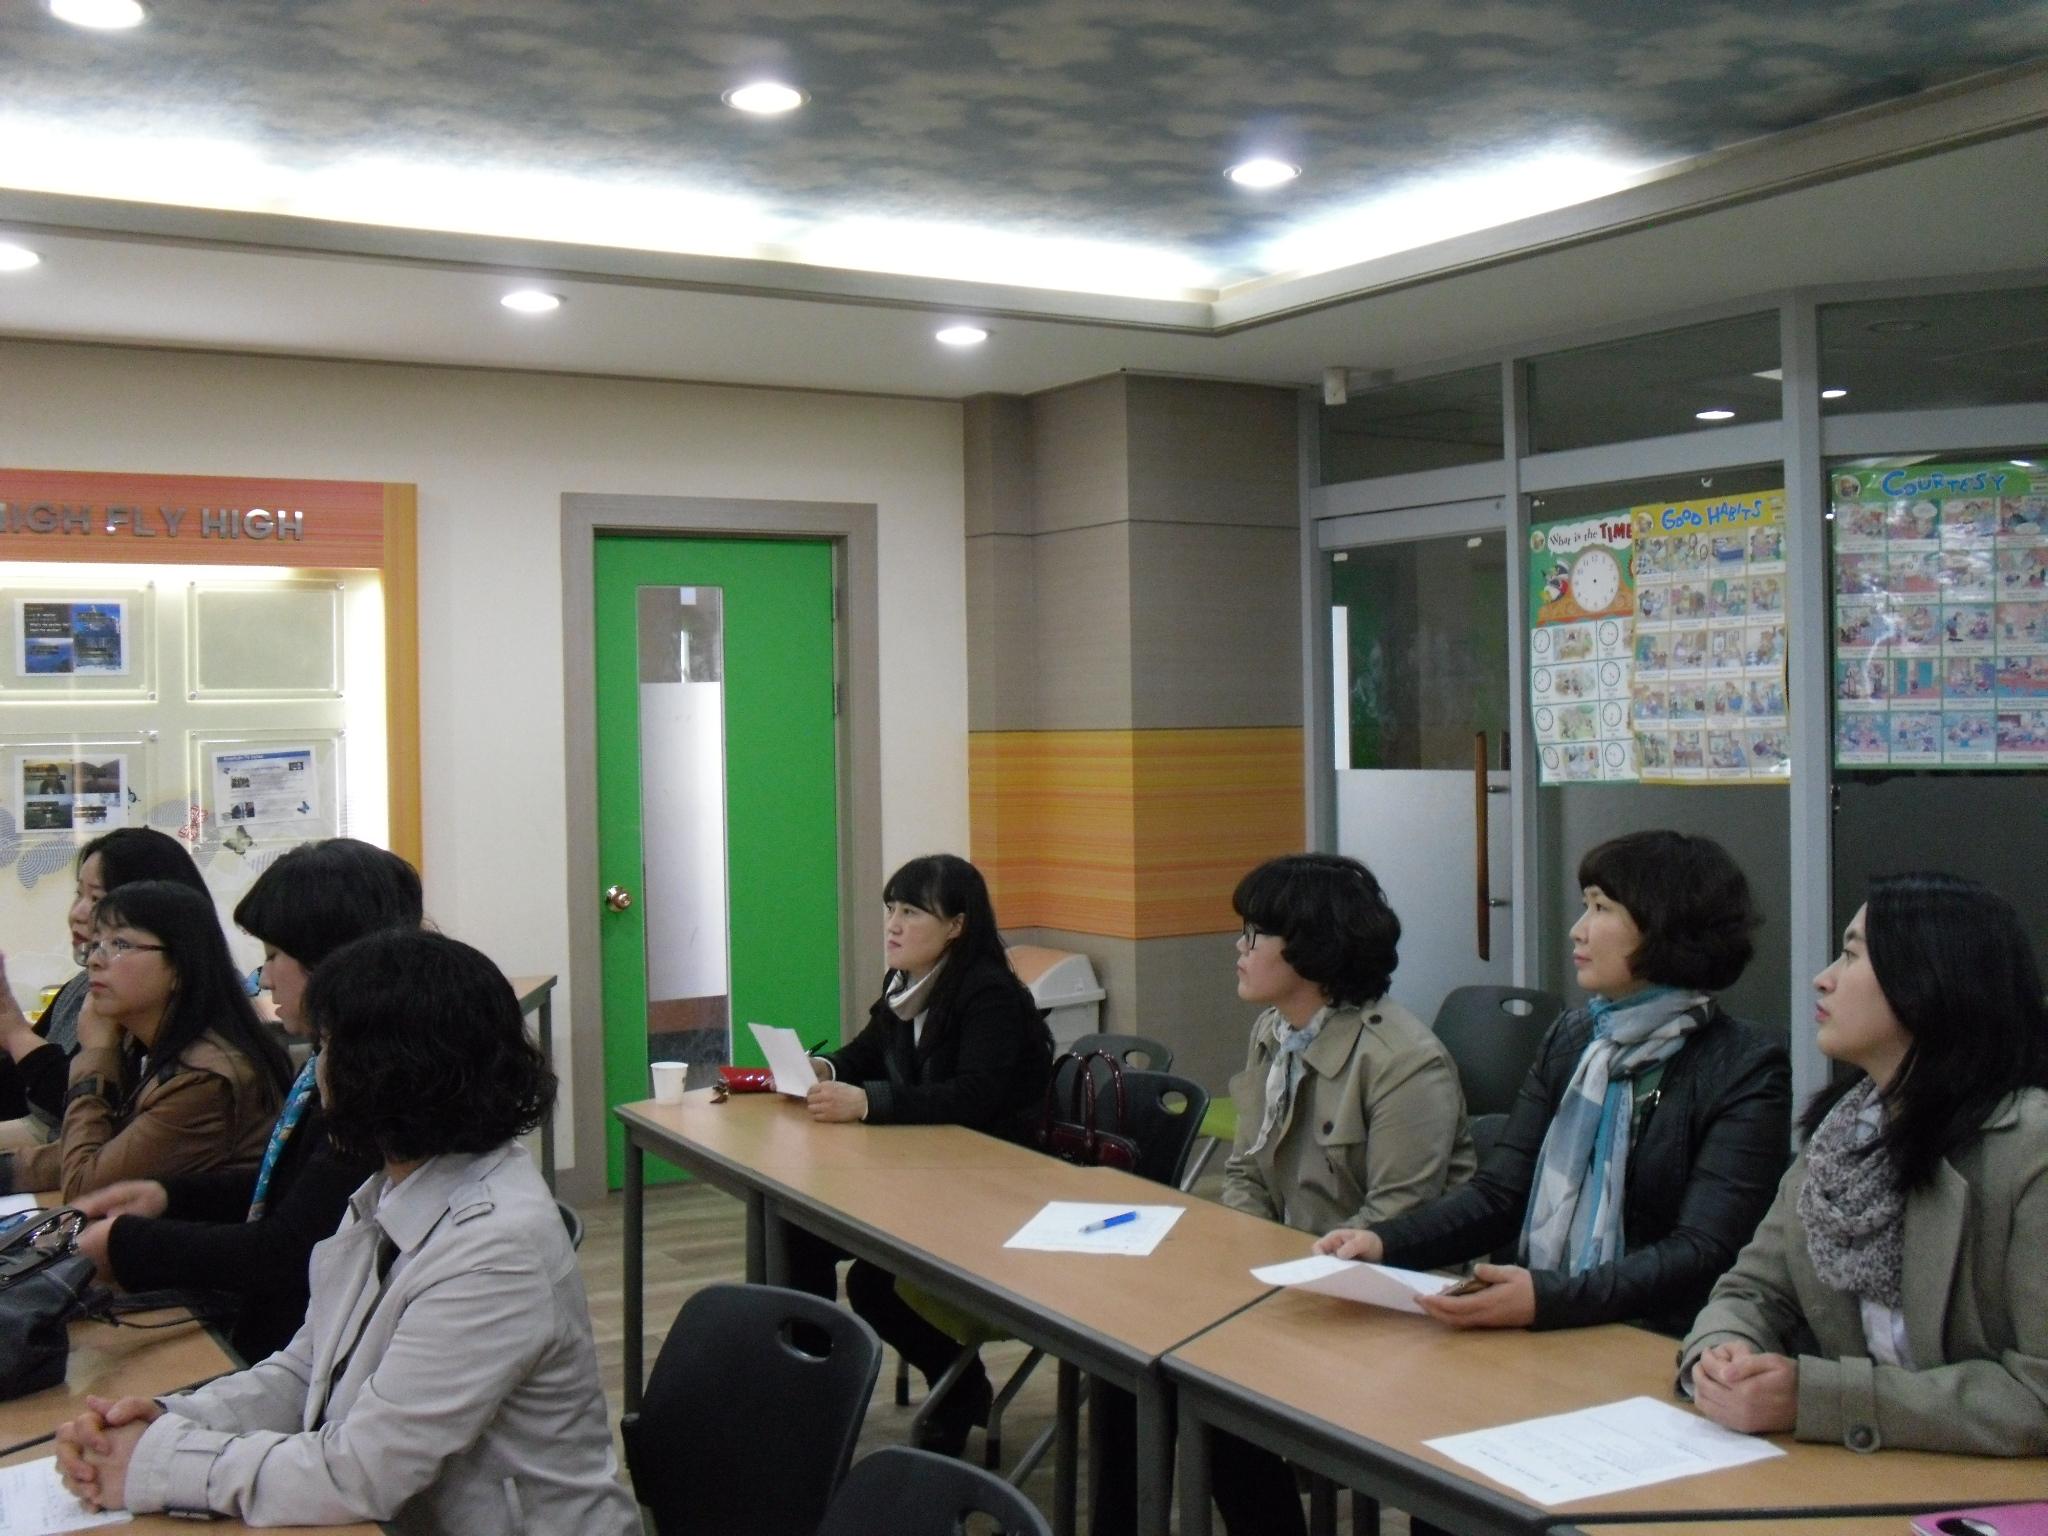 [일반] 2016학년도 기숙사 학부모 간담회의 첨부이미지 3